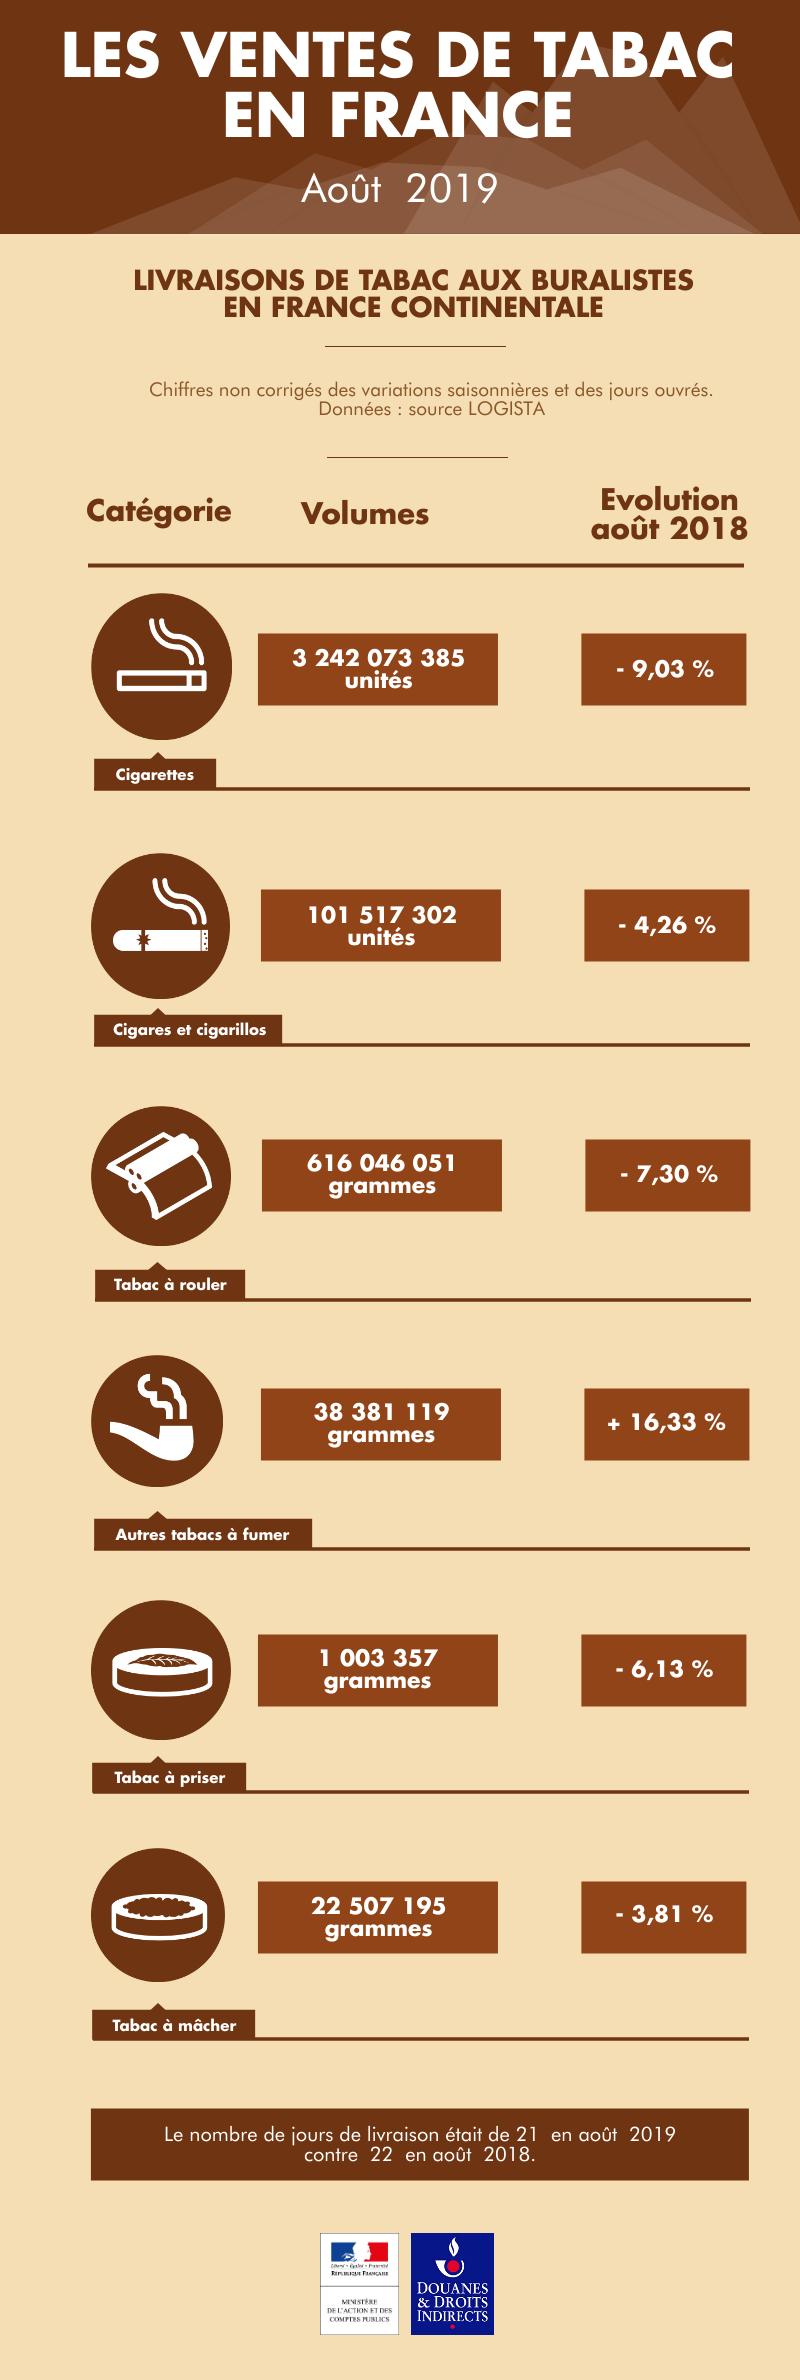 Les ventes de tabac en France